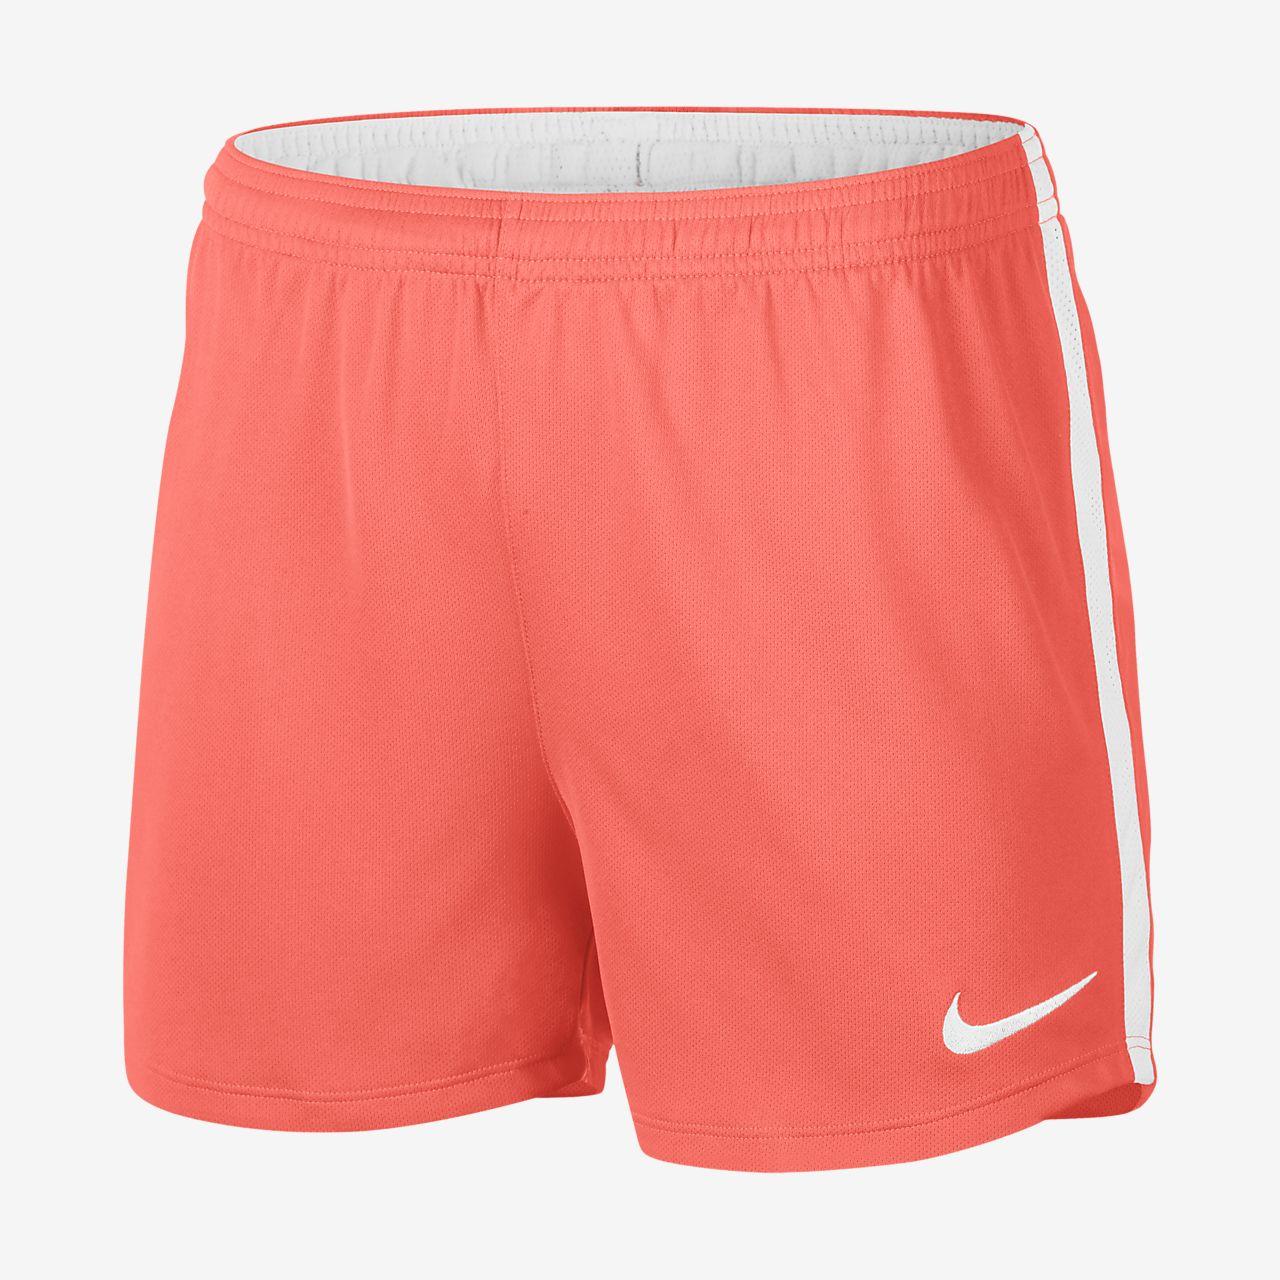 Commerce à vendre Nike Maille Champ Femmes Short 5 Pouces Maison Funéraire geniue réduction stockiste authentique nouvelle arrivee wiki rabais WlI7TPGTe